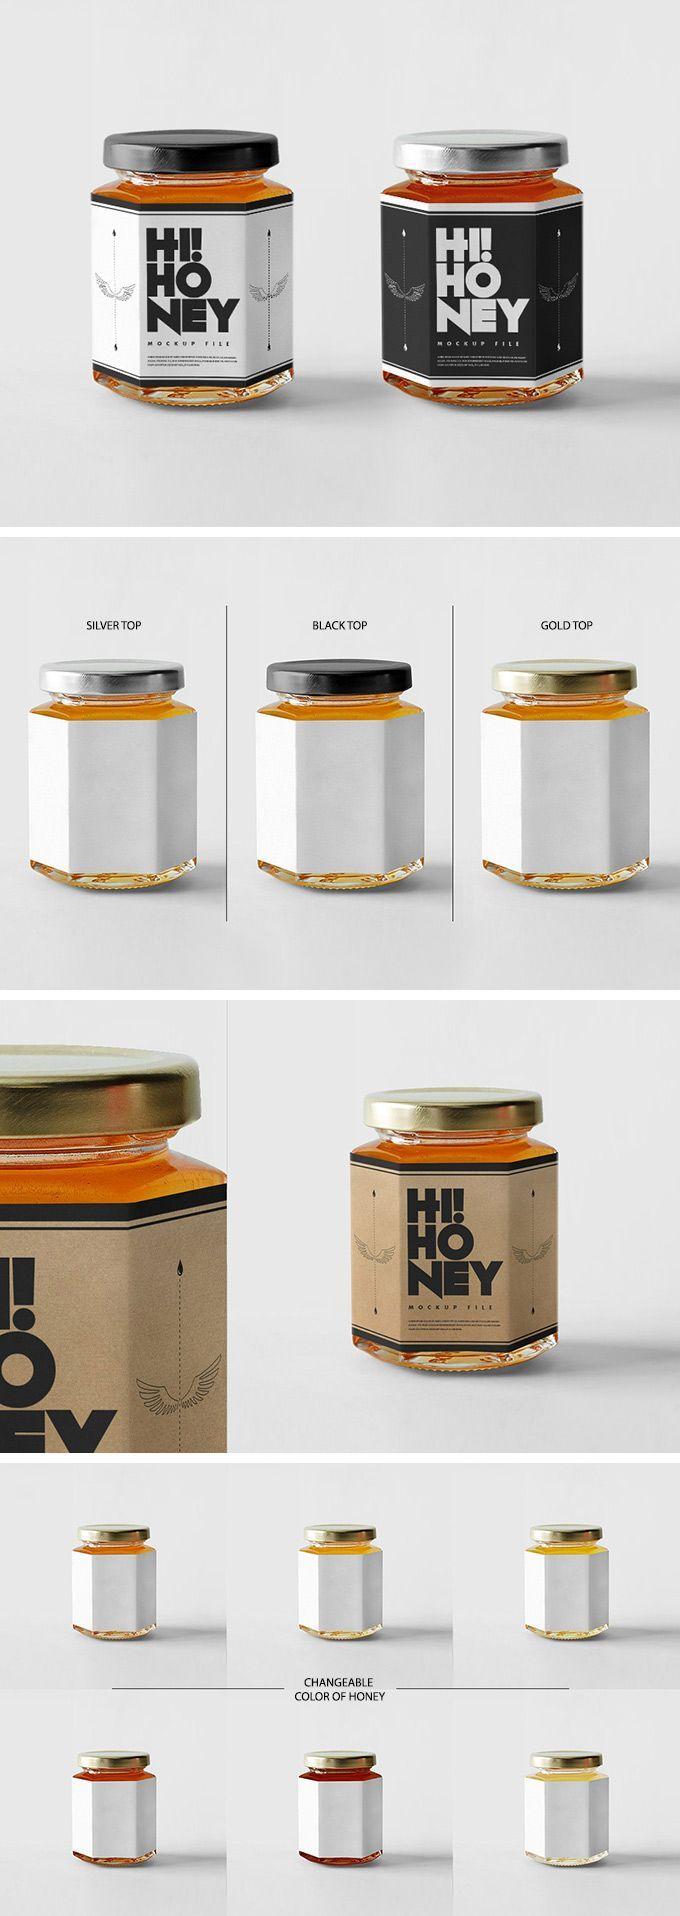 Honey Jar Mockup - download freebie by PixelBuddha                                                                                                                                                                                 More